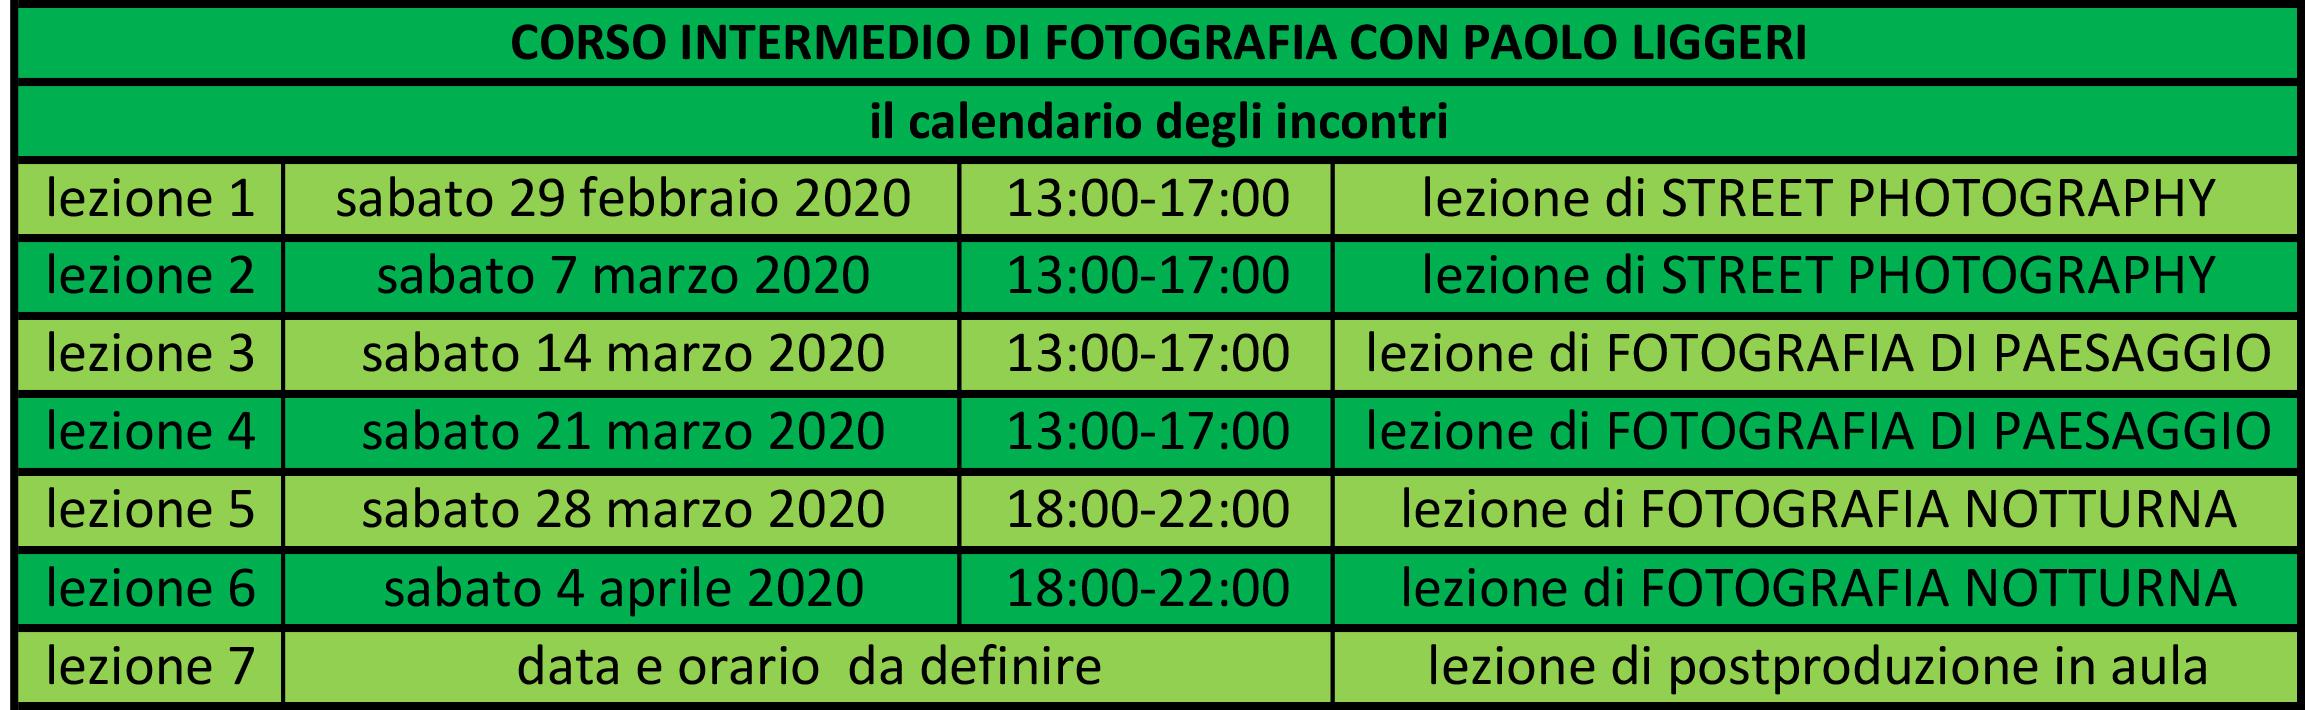 calendario incontri CORSO INTERMEDIO di sabato